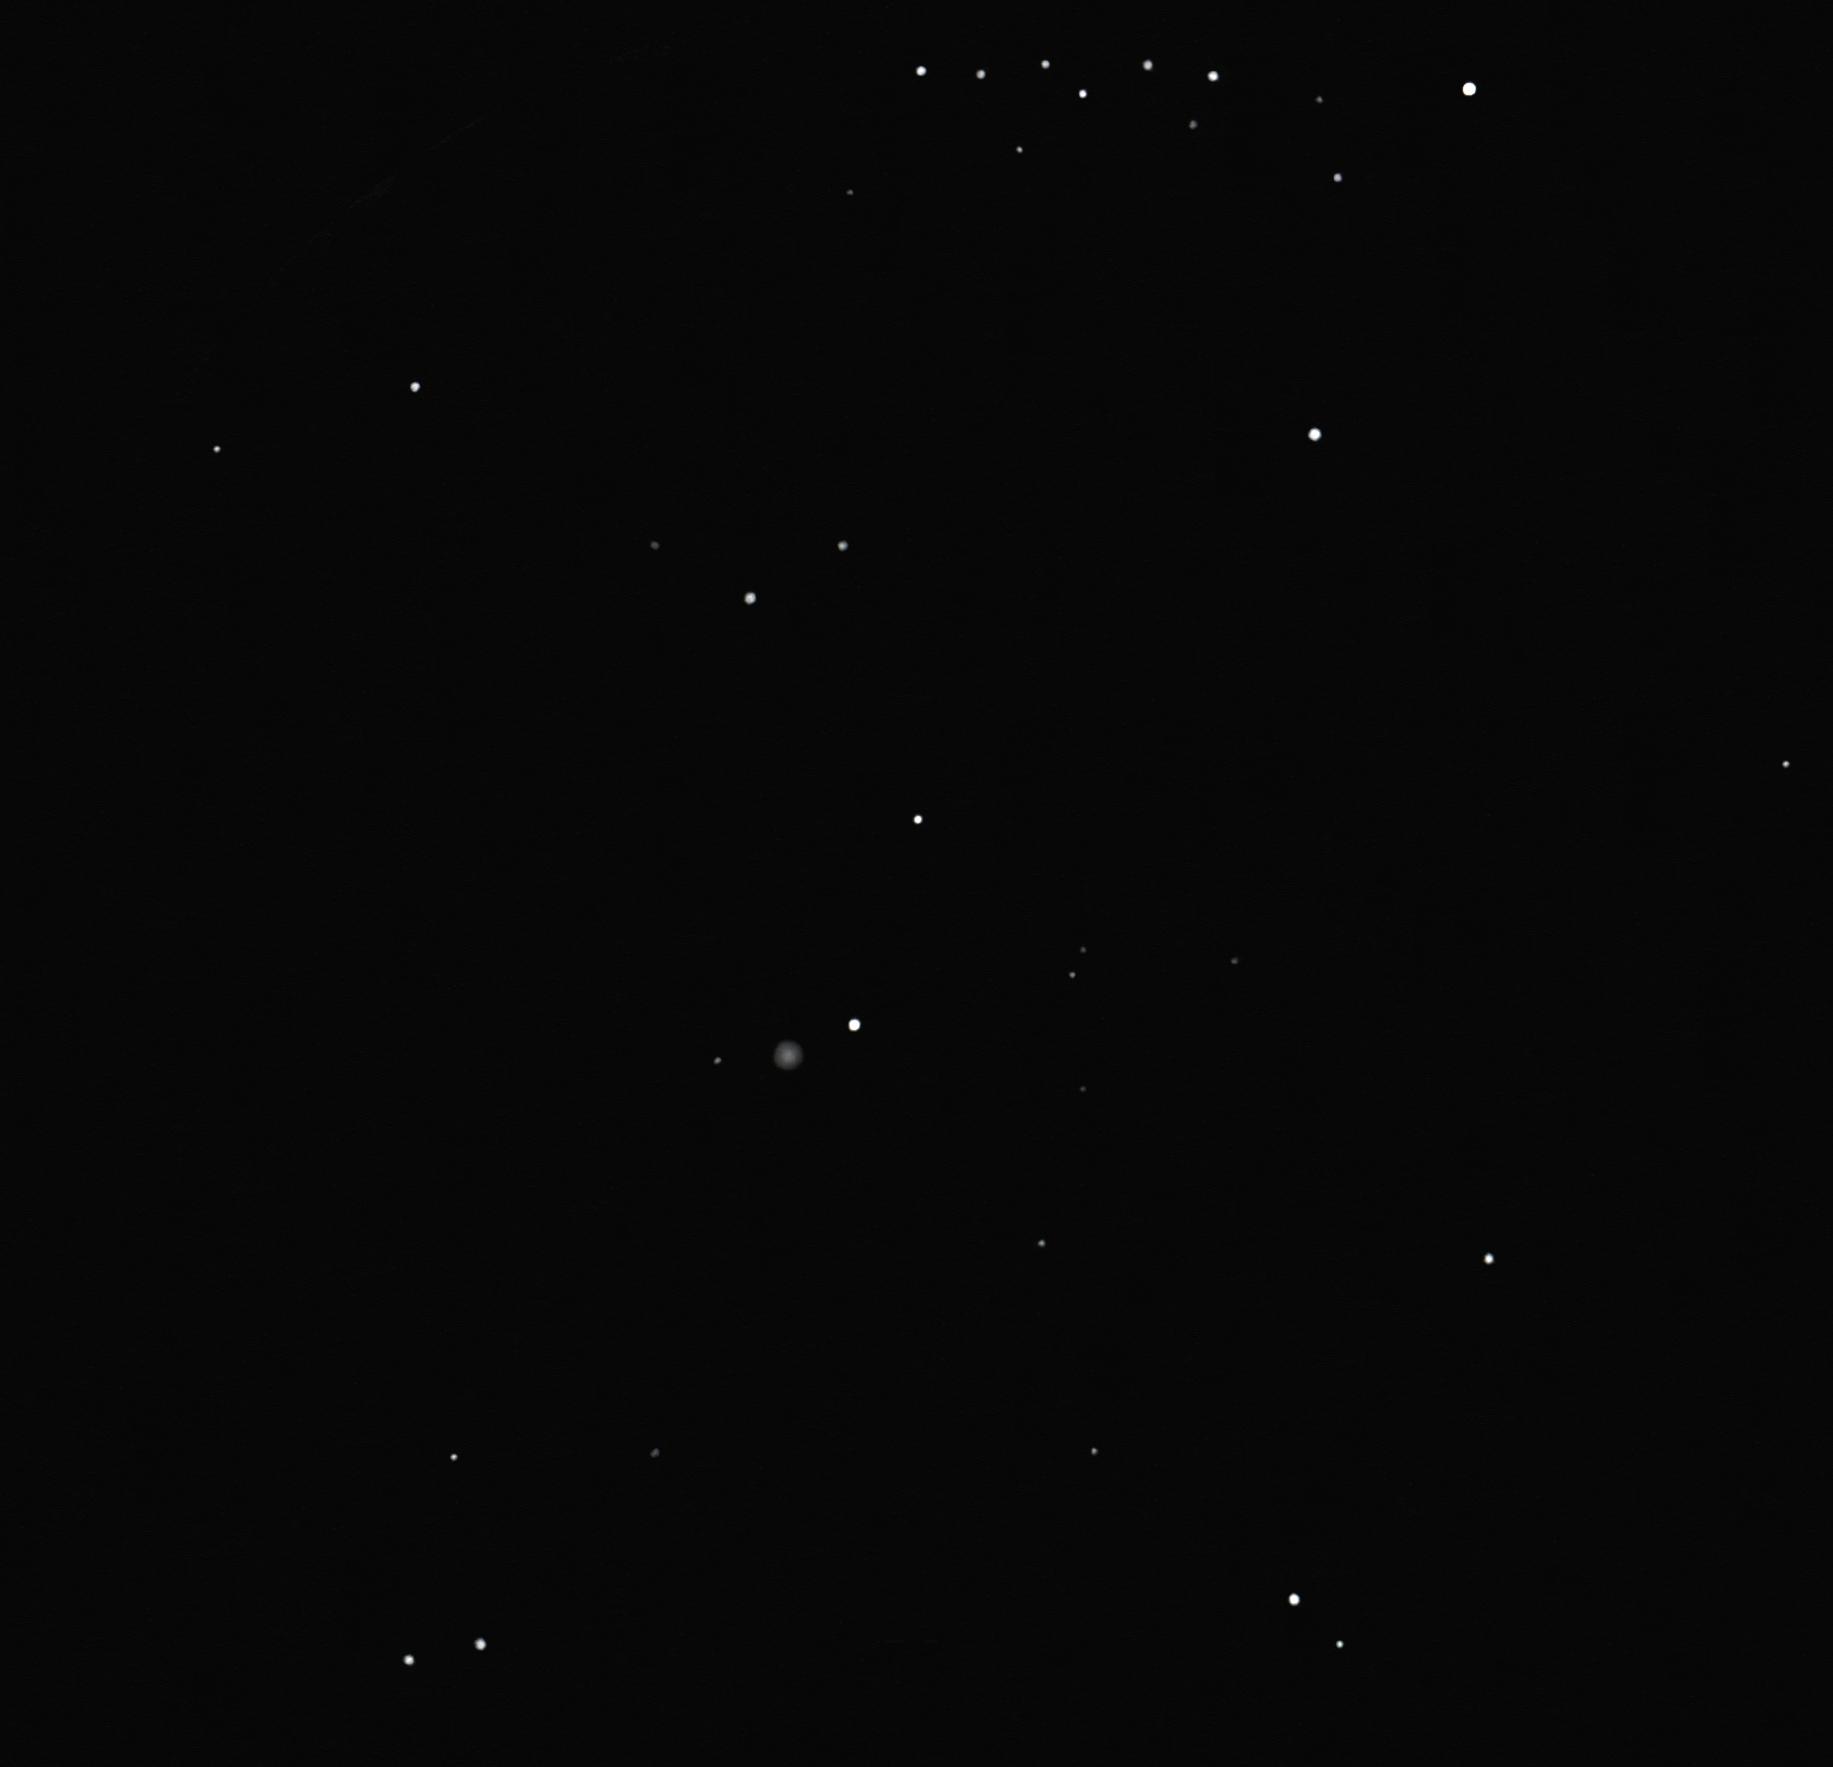 PK189-7.1 planetary nebula